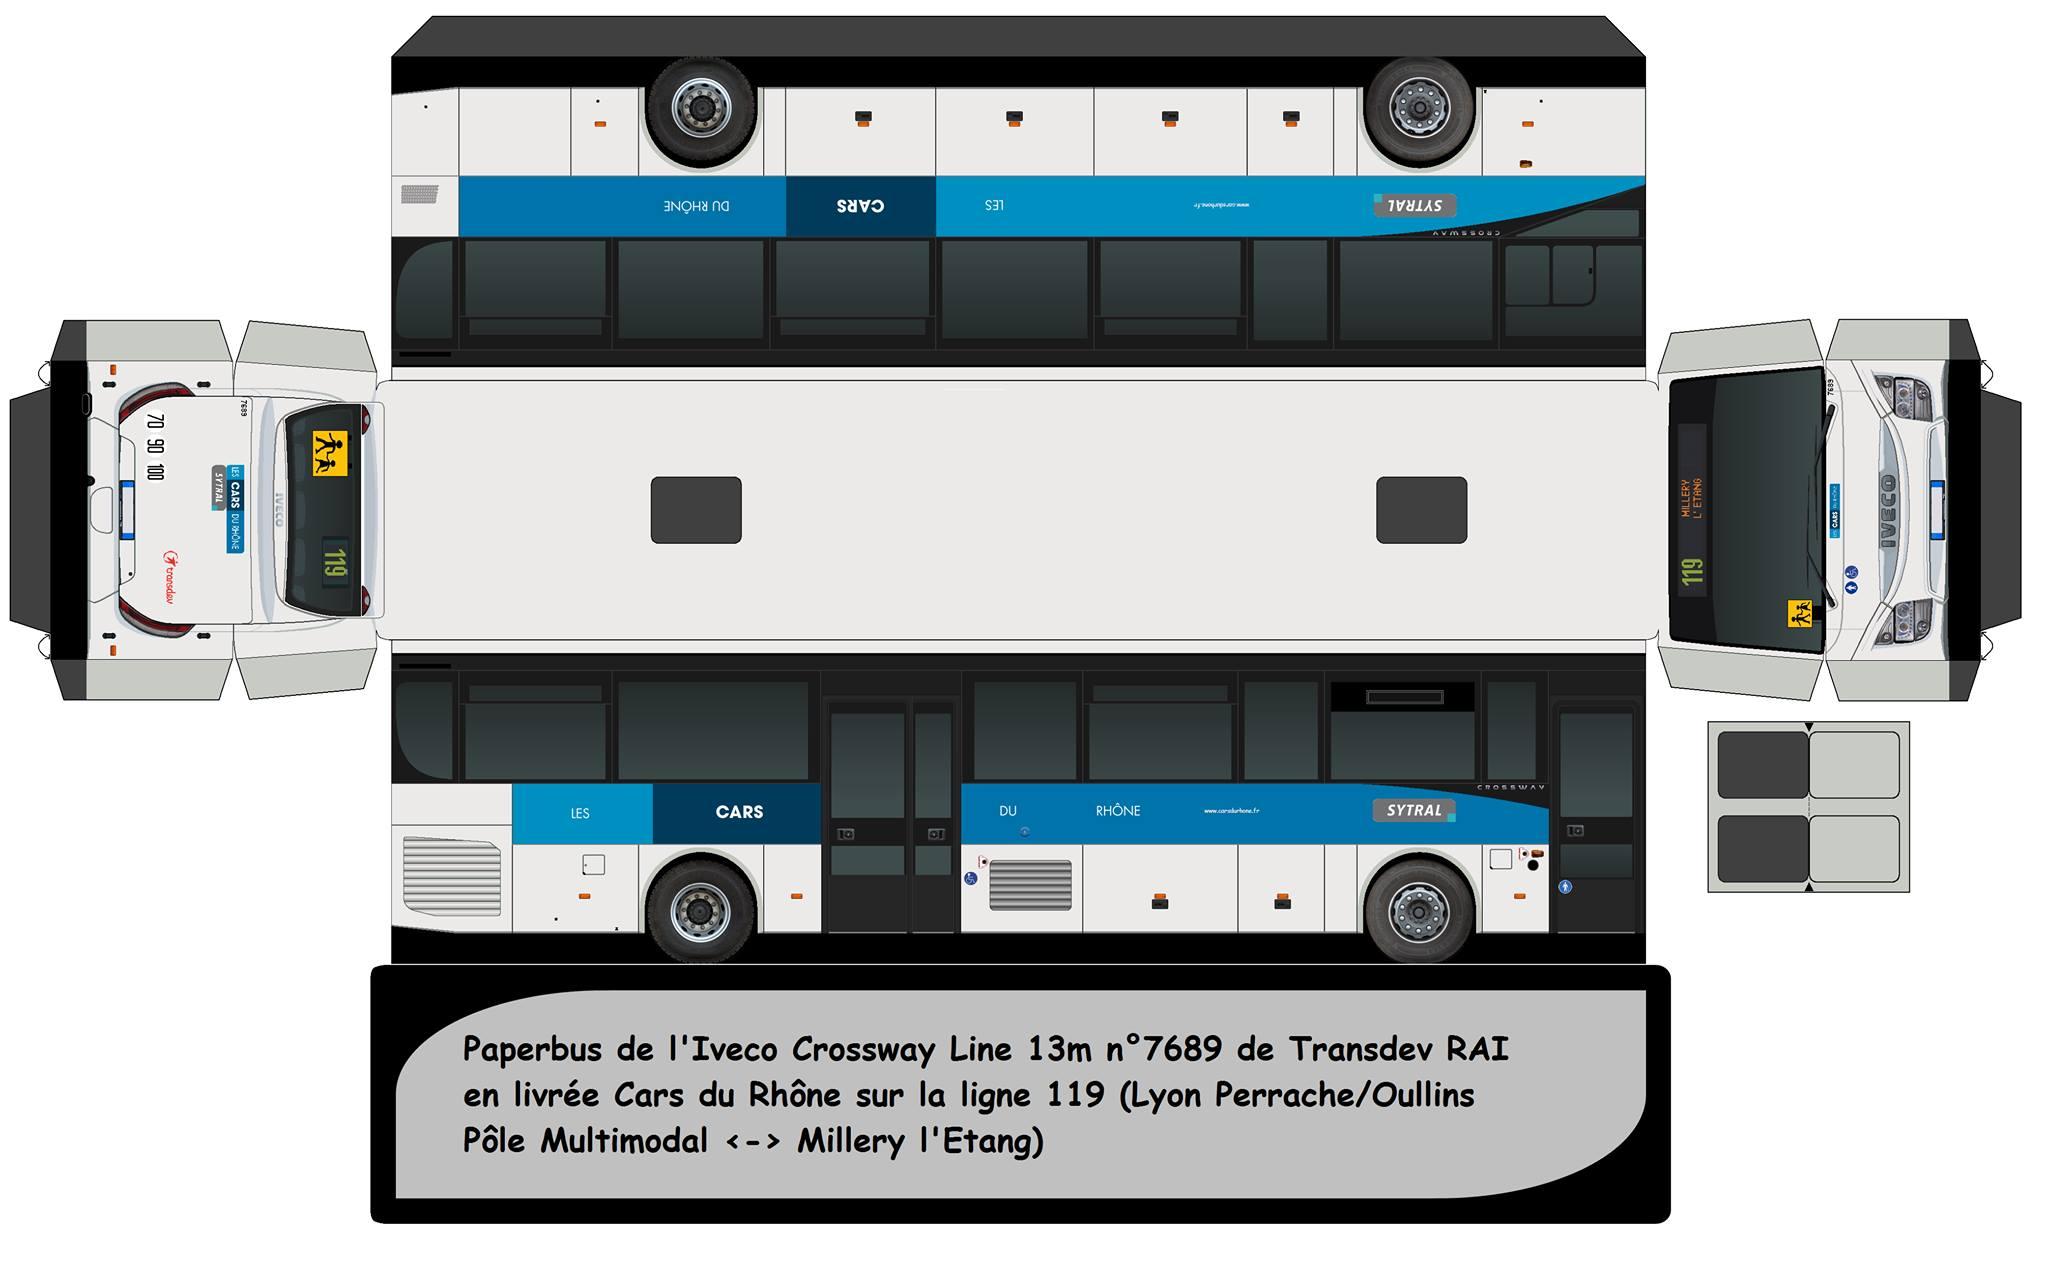 les autocars du r seau tcl et de l 39 agglom ration lyonnaise la passion des autobus et autocars. Black Bedroom Furniture Sets. Home Design Ideas